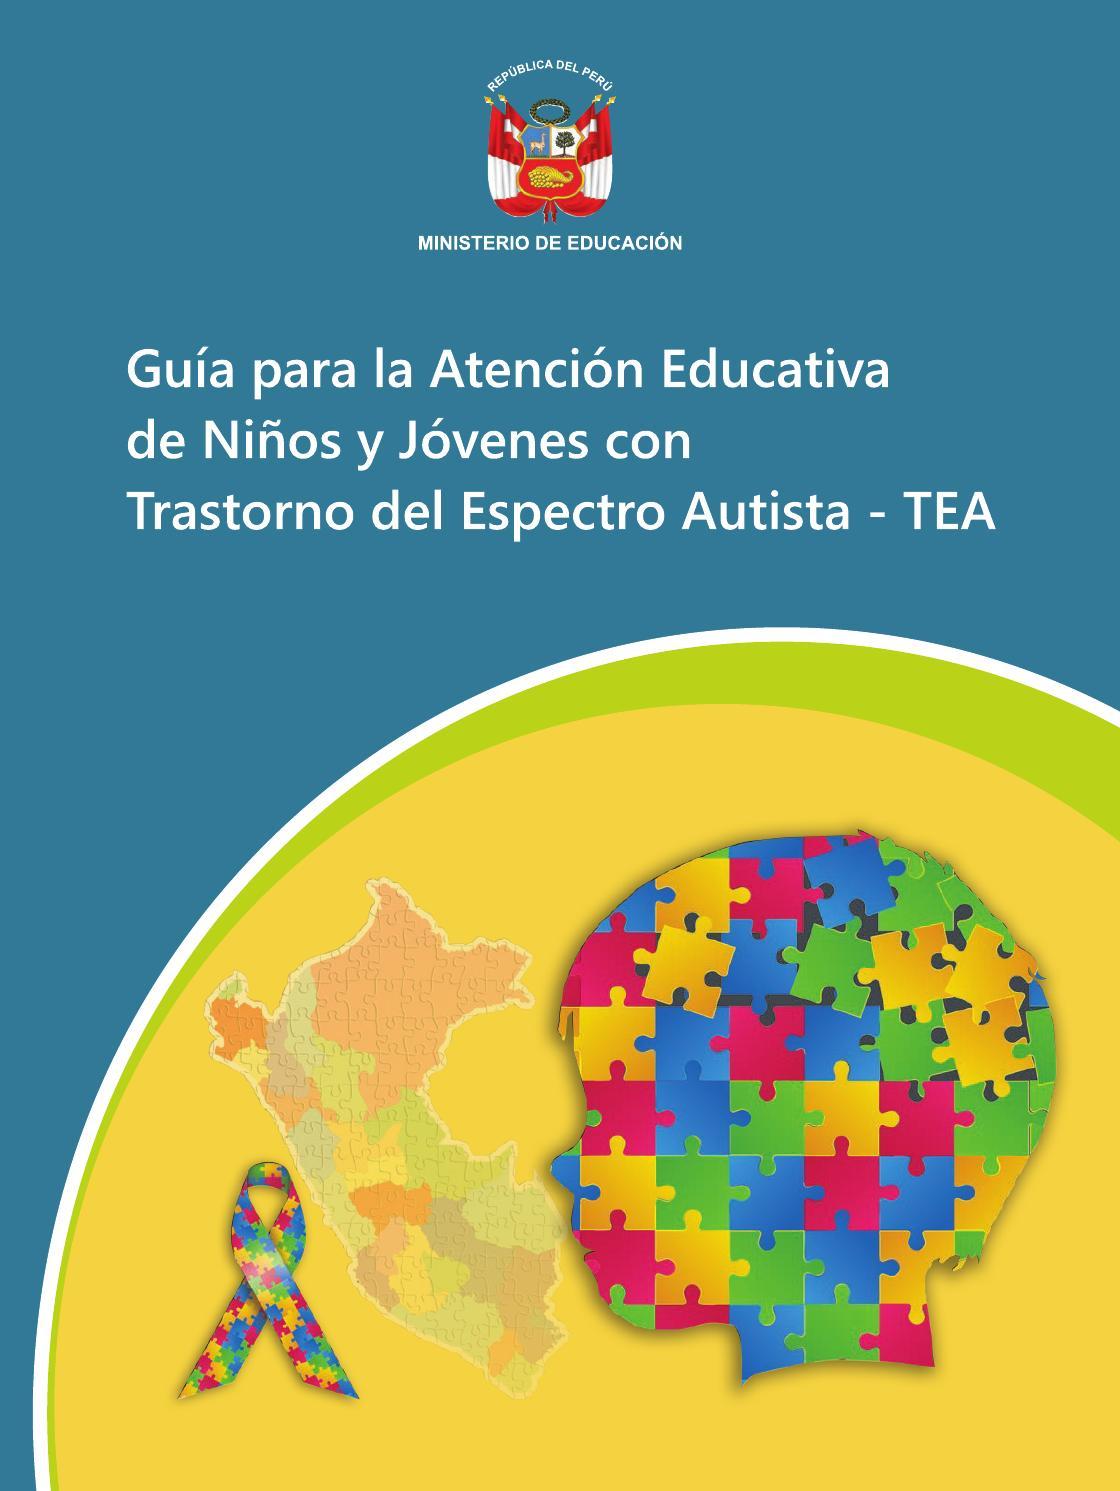 Guía para la atención educativa de niños y jóvenes con tea (min ...